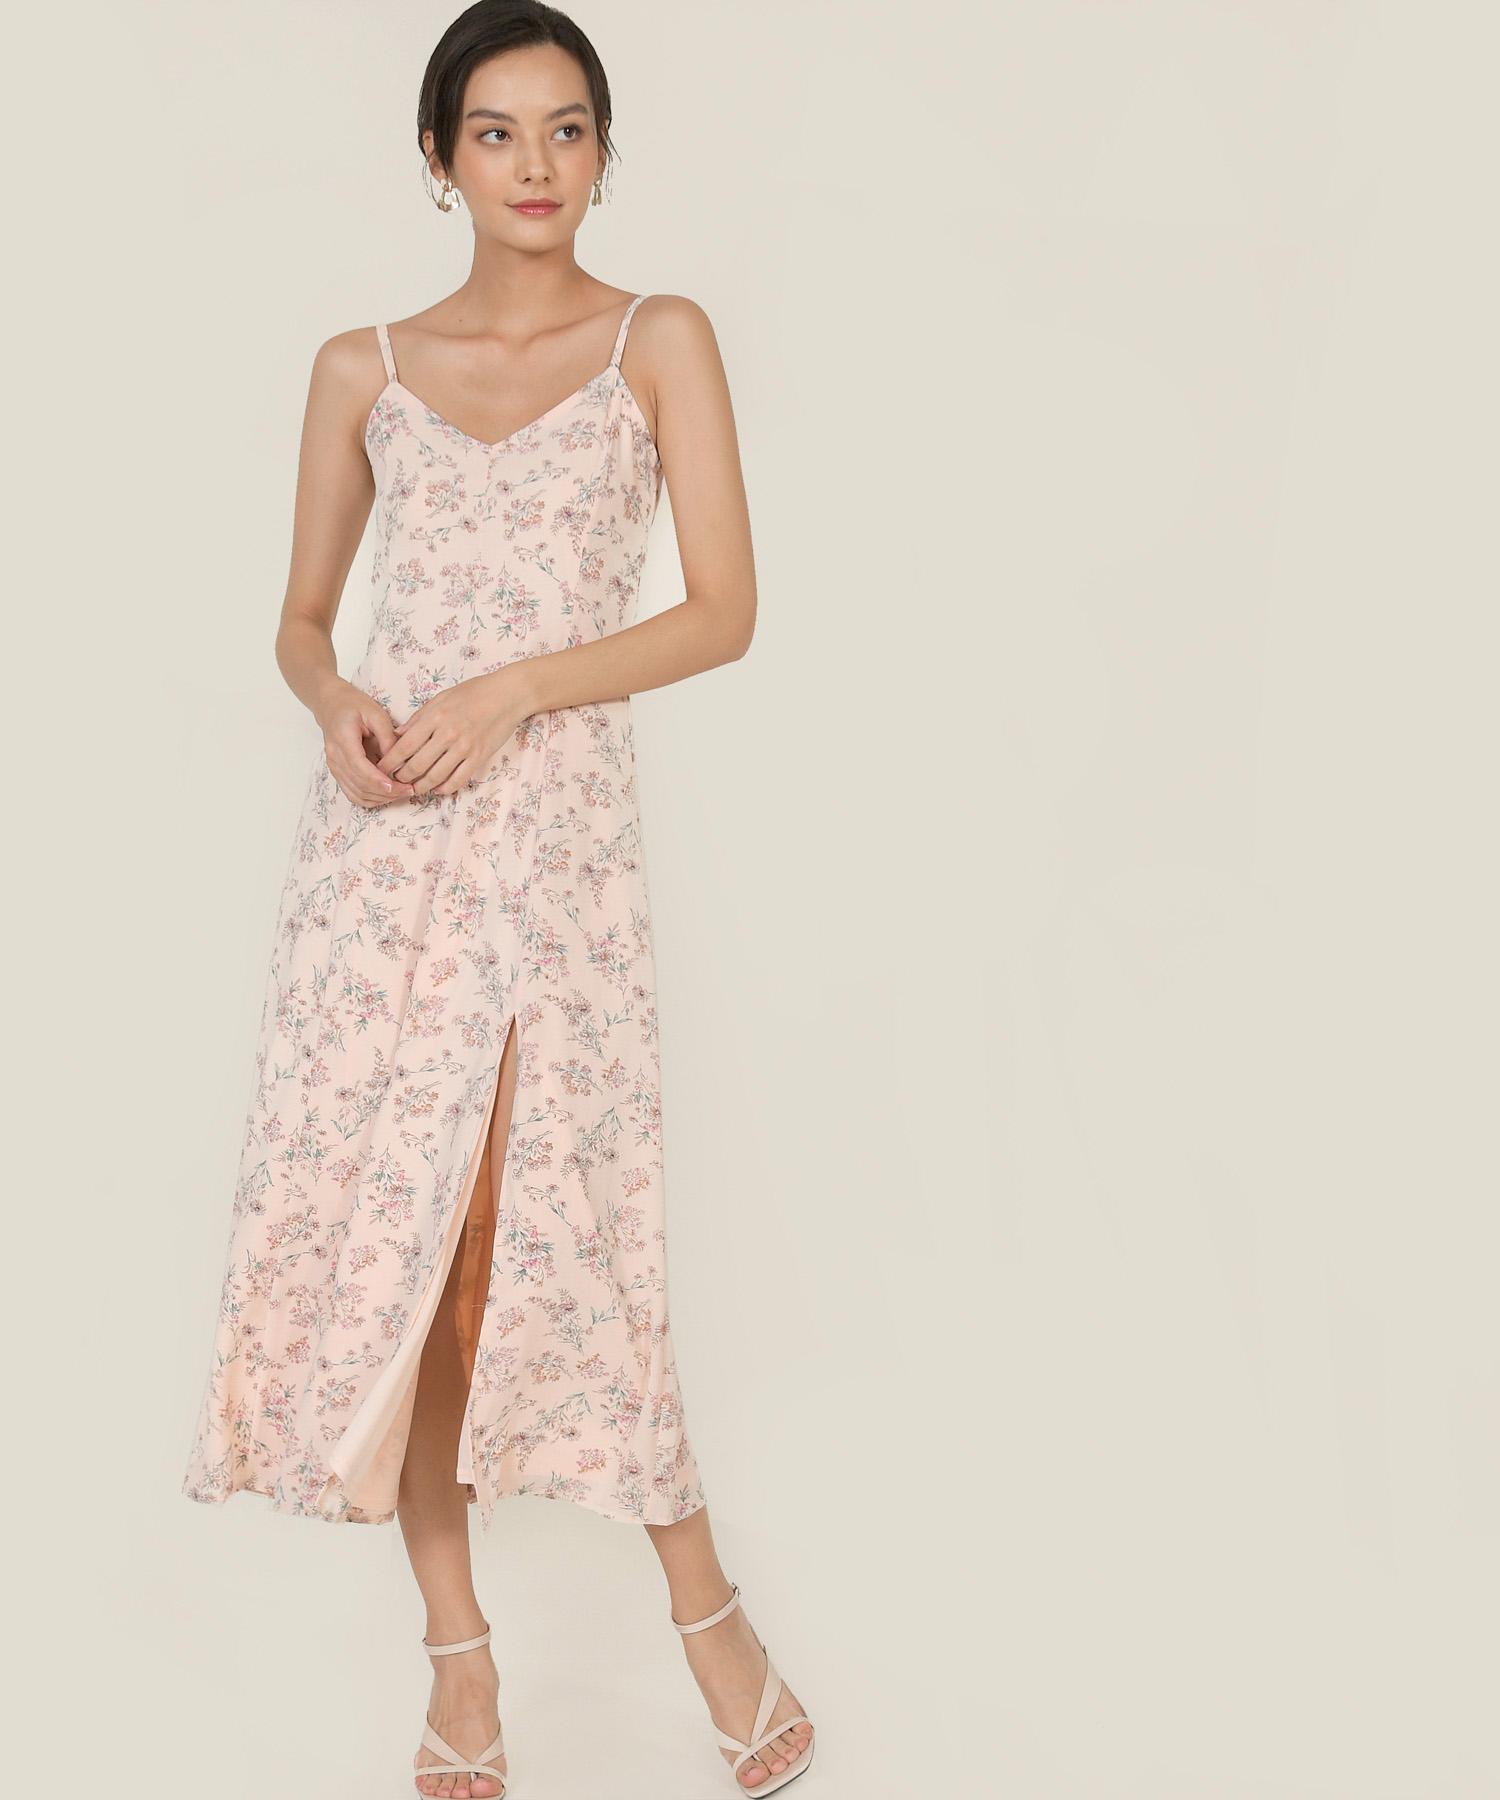 elliot-floral-maxi-dress-pale-pink-1